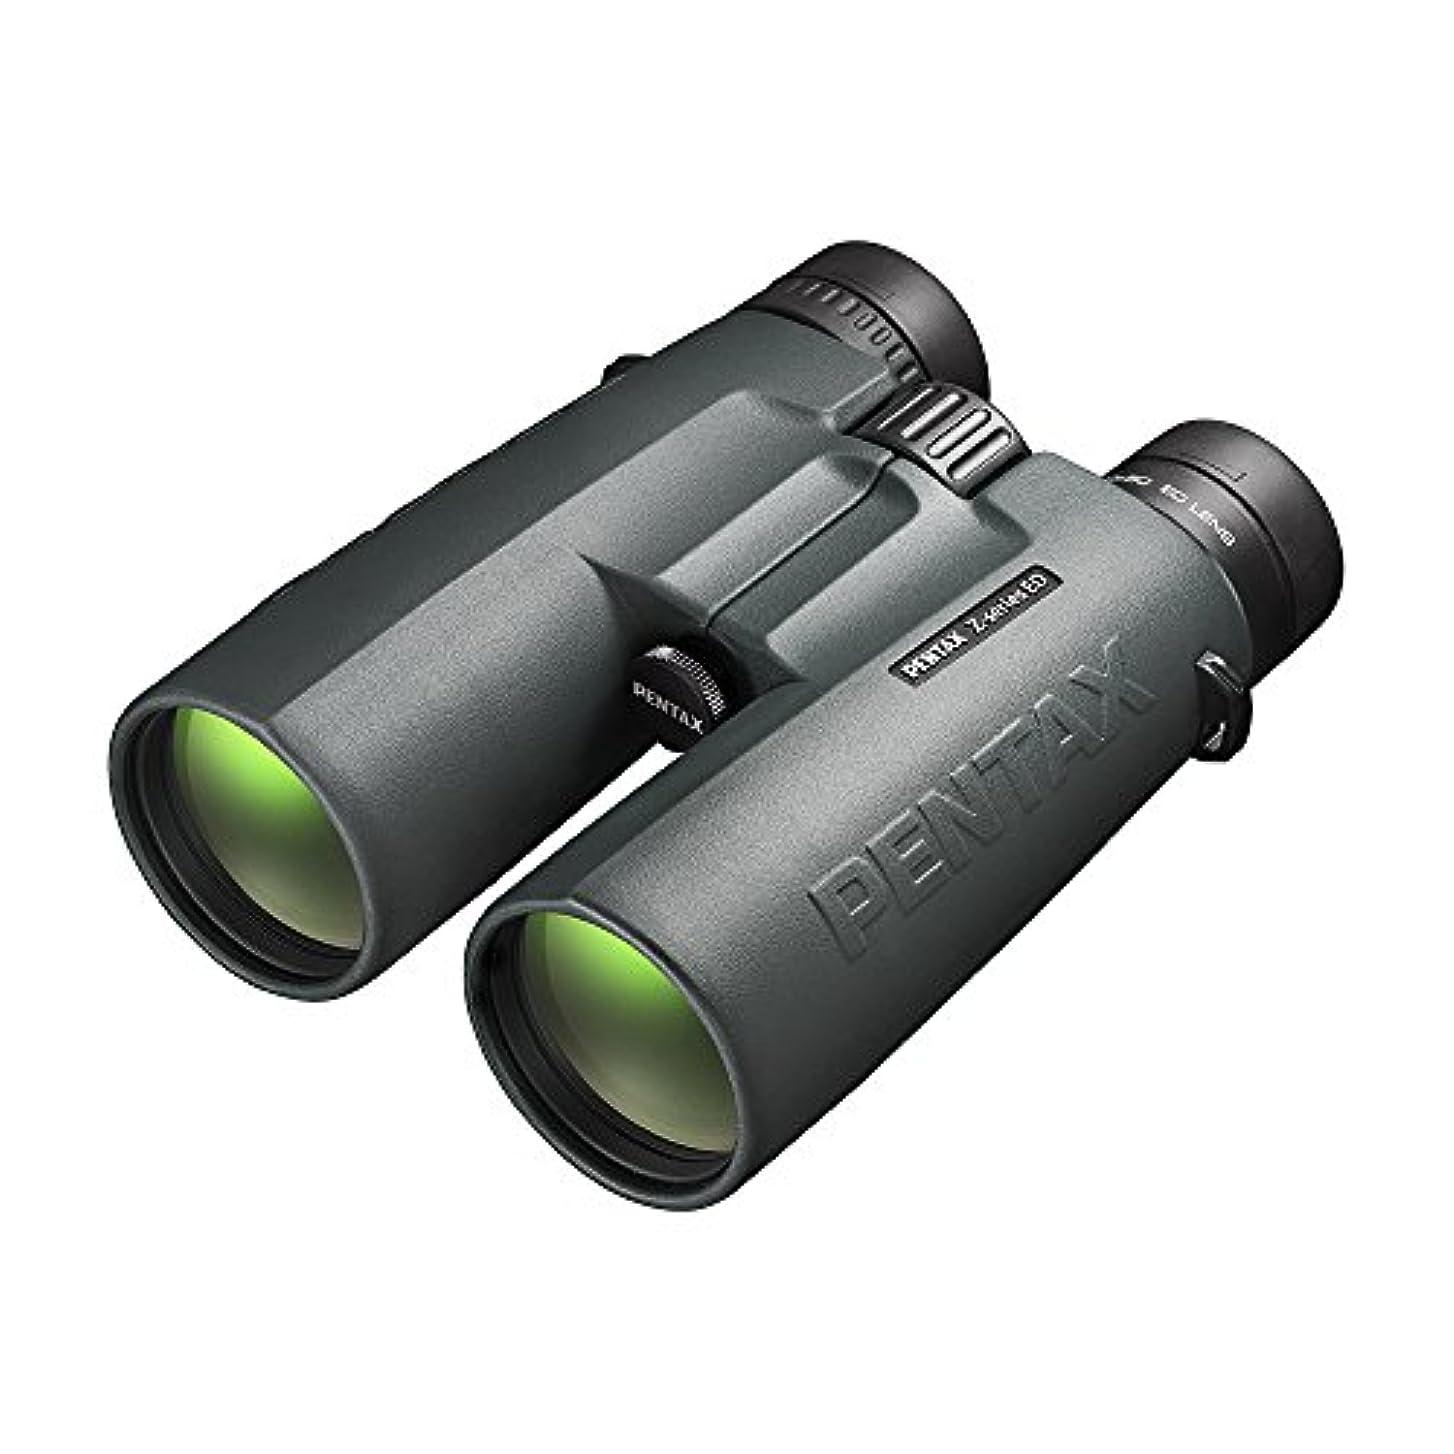 埋め込むエゴイズム有効PENTAX 双眼鏡 ZD 10×50 ED ダハプリズム 10倍 有効径50mm 62703